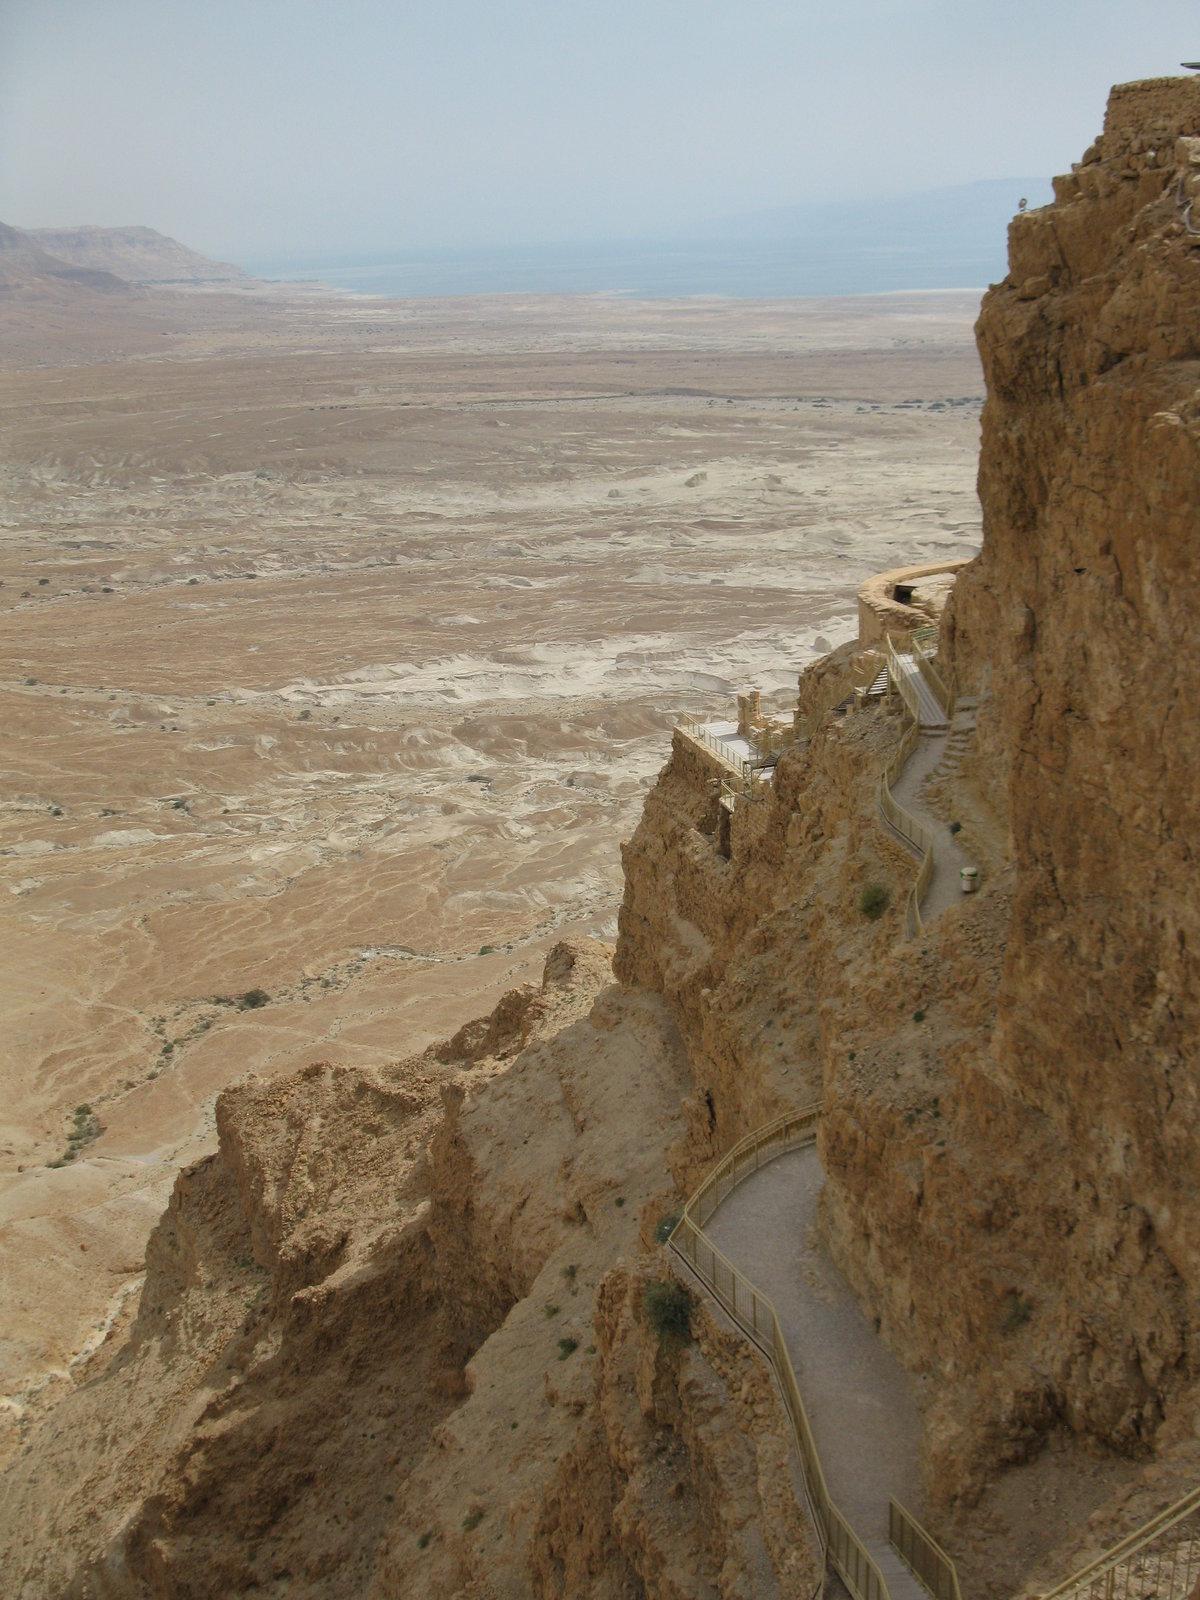 prehliadka Masady je v horúcich dňoch náročná